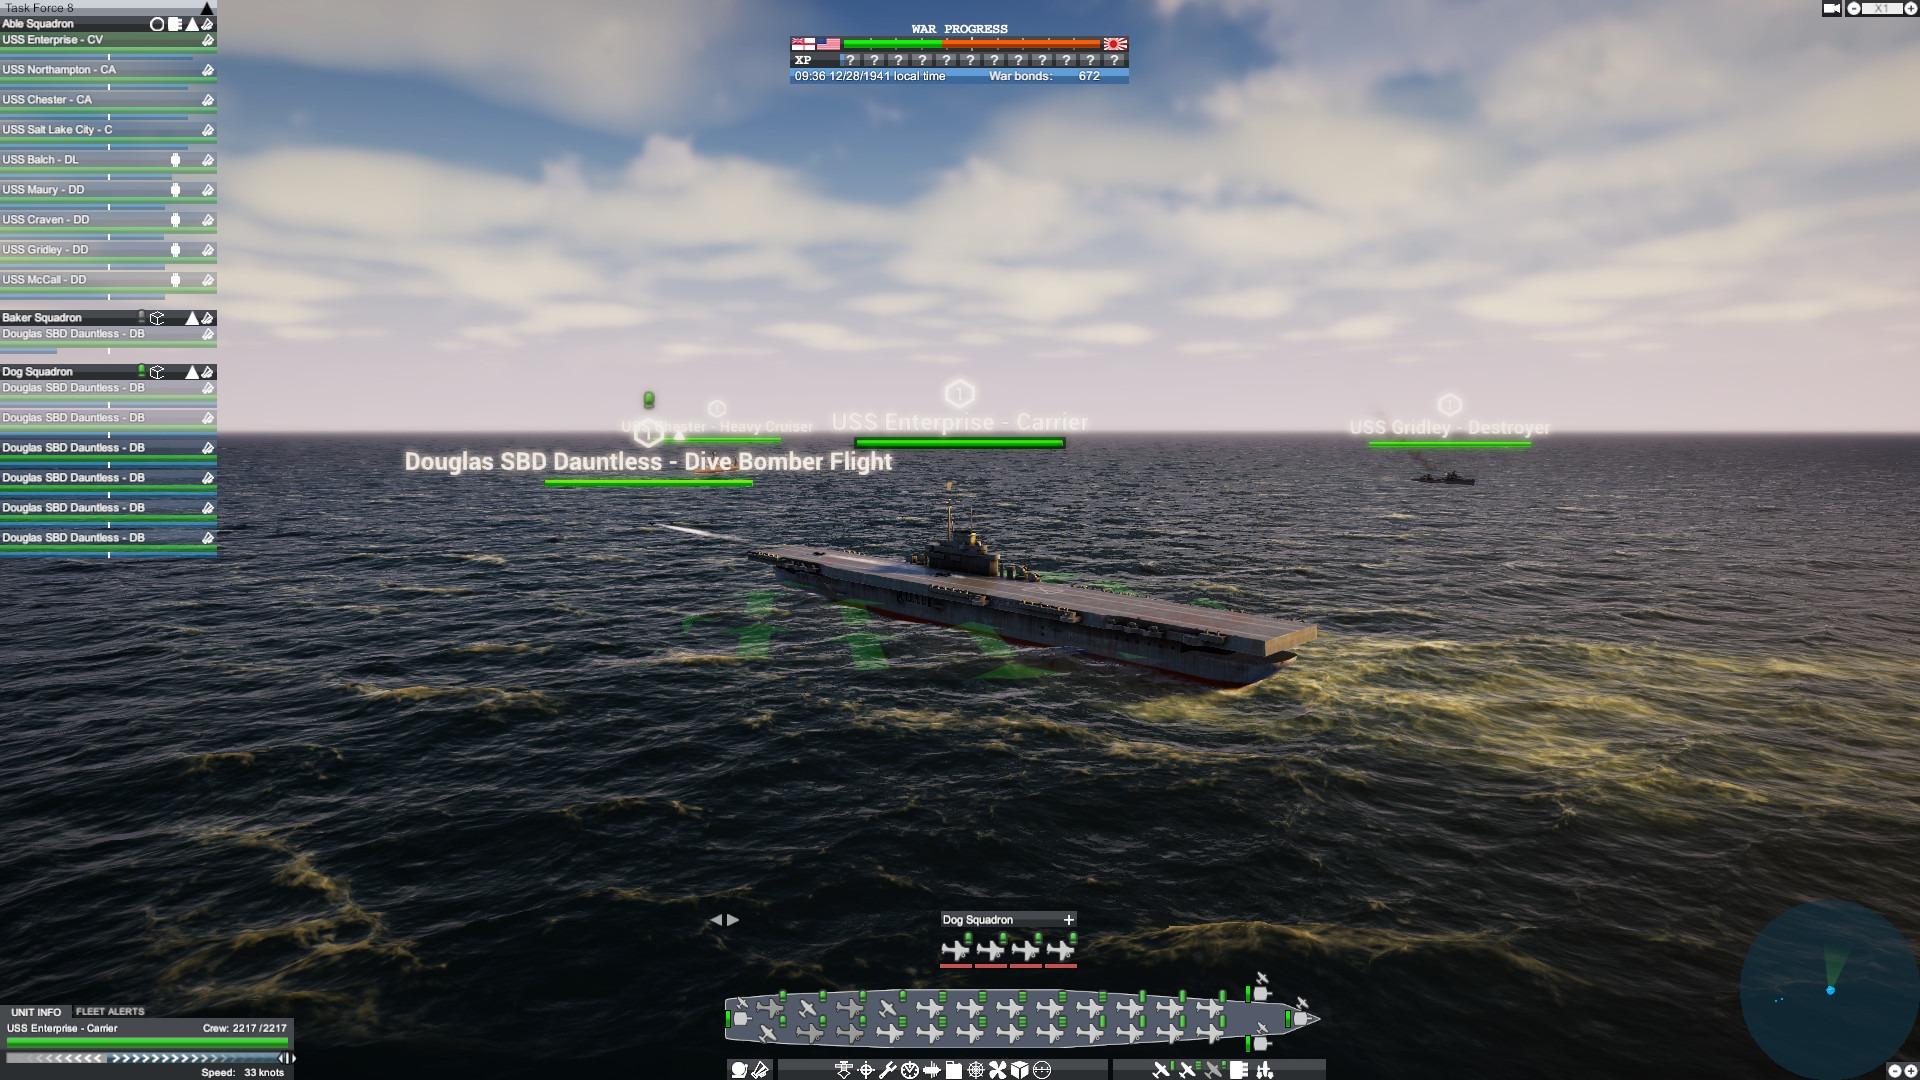 victory-at-sea-pacific-pc-screenshot-01